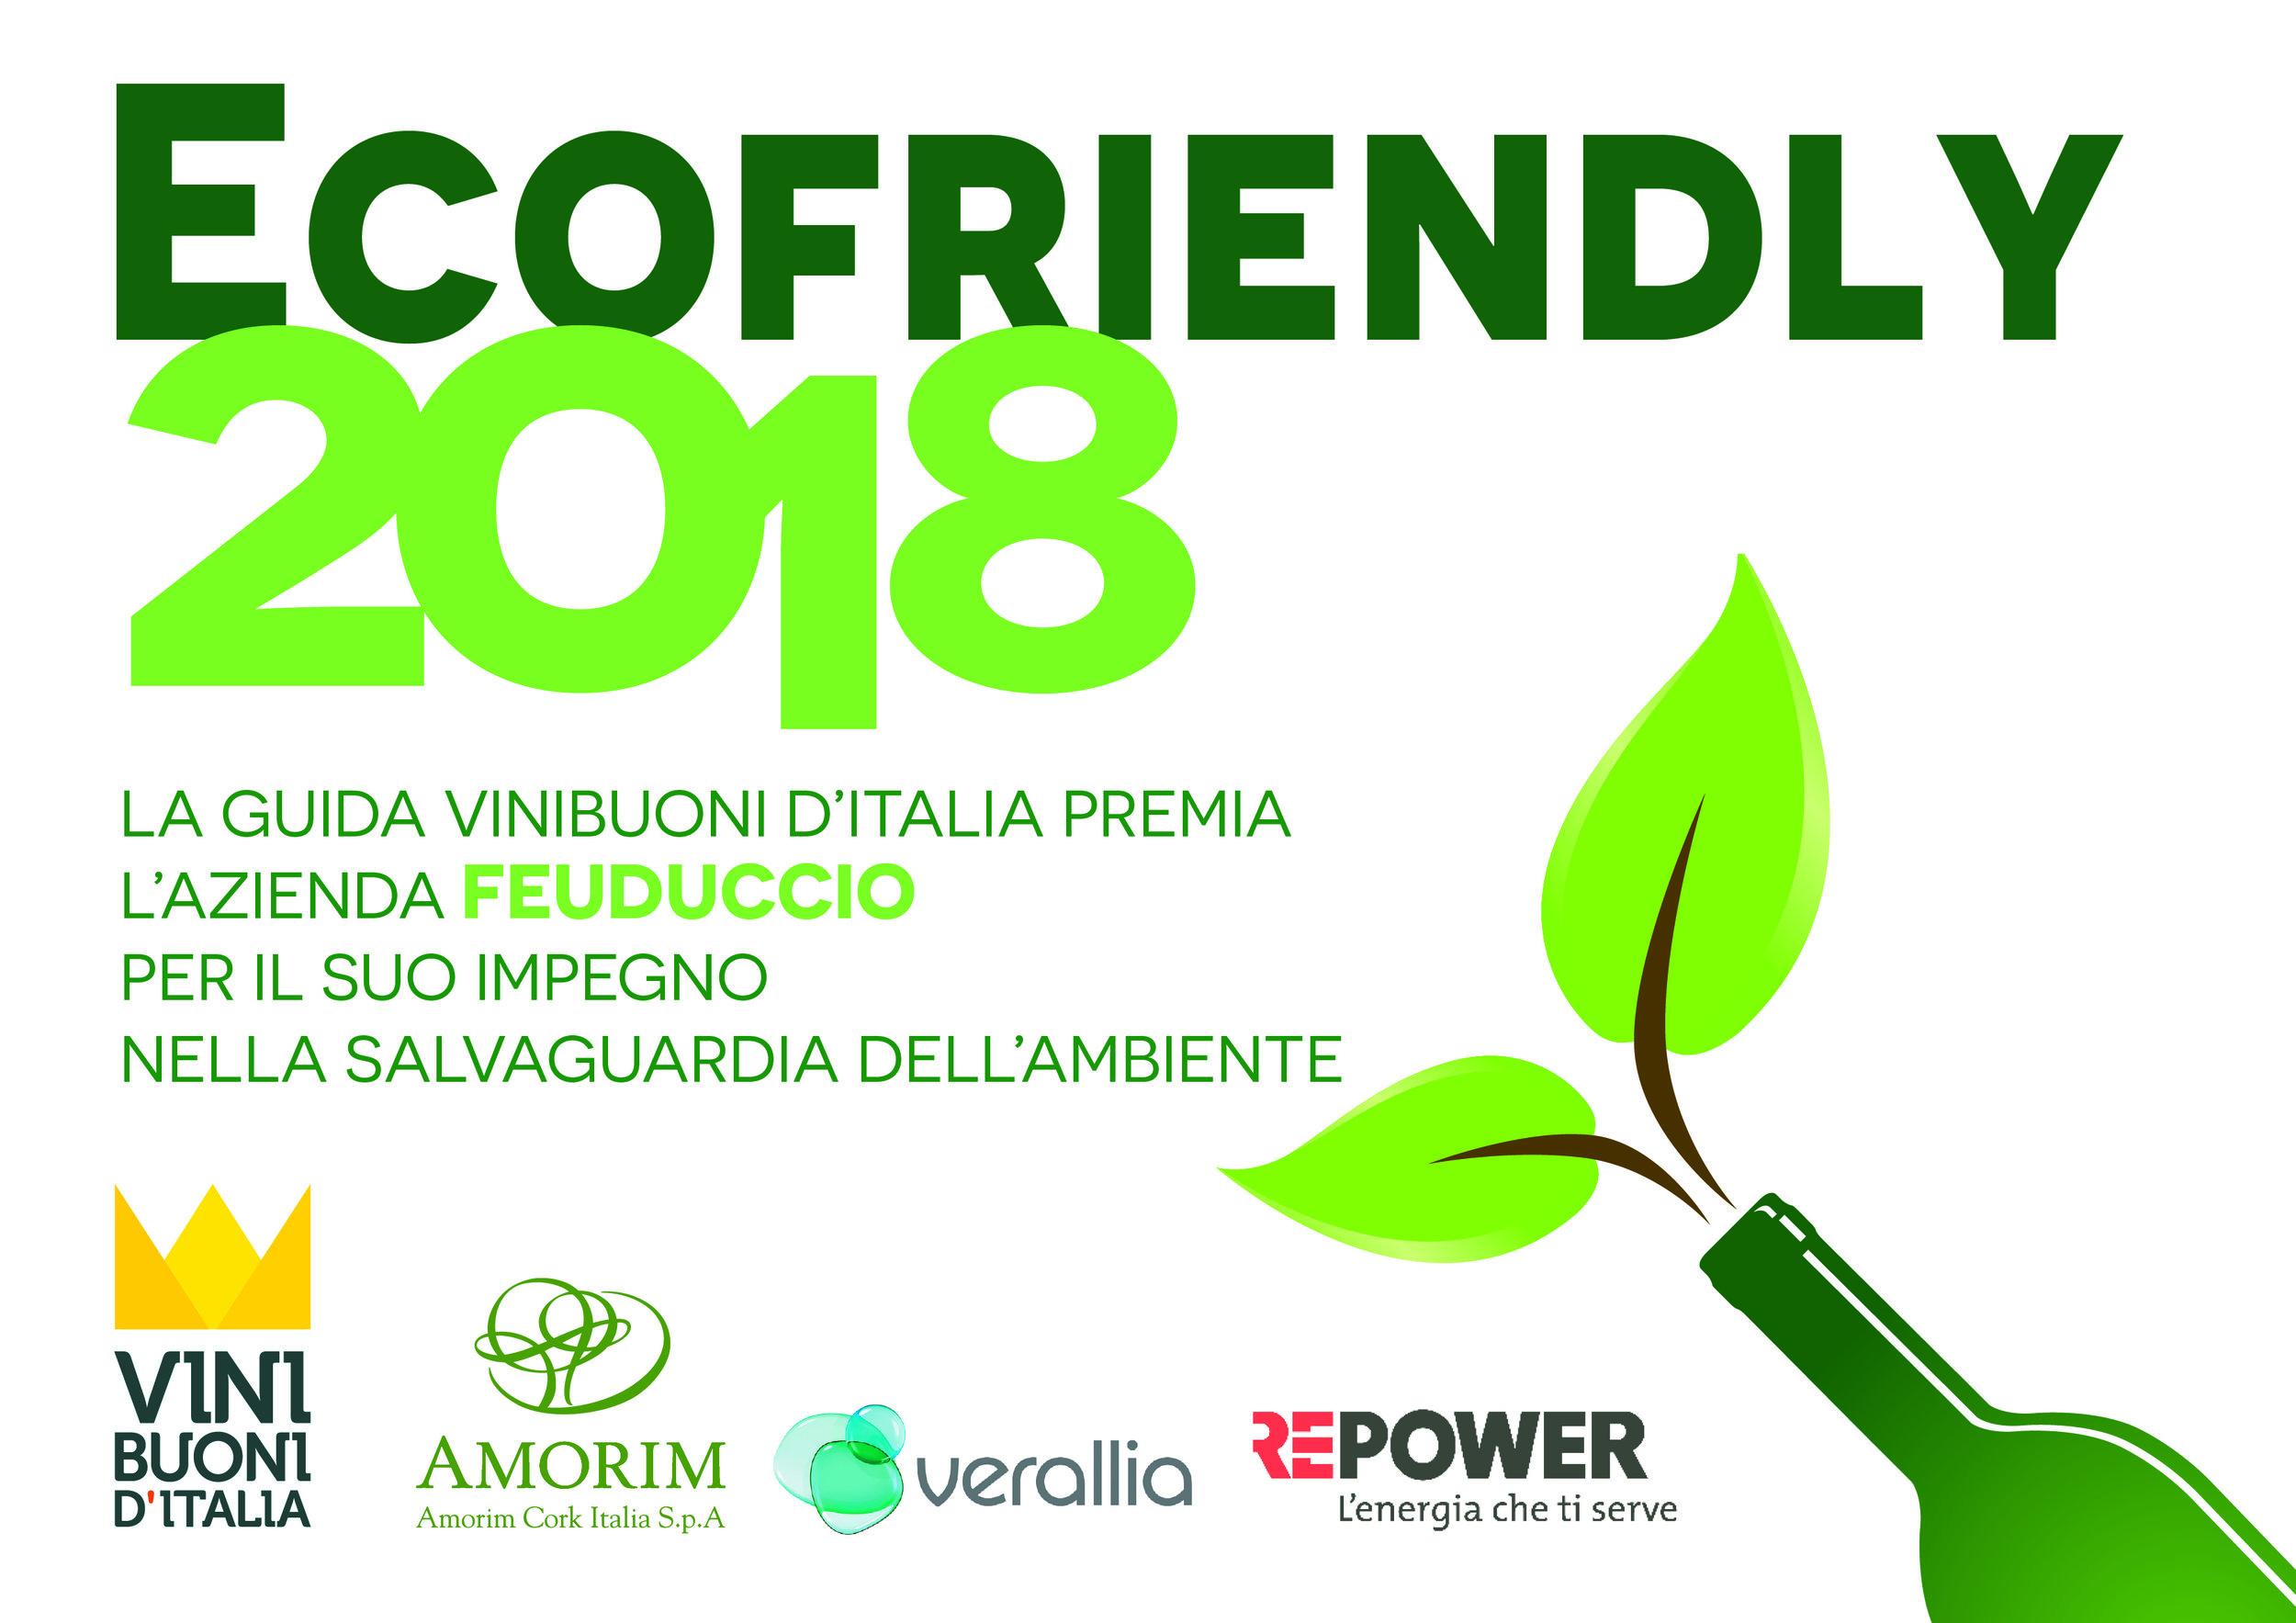 ECOFRIENDLY FEUDUCCIO VINIBUONID'ITALIA.jpg